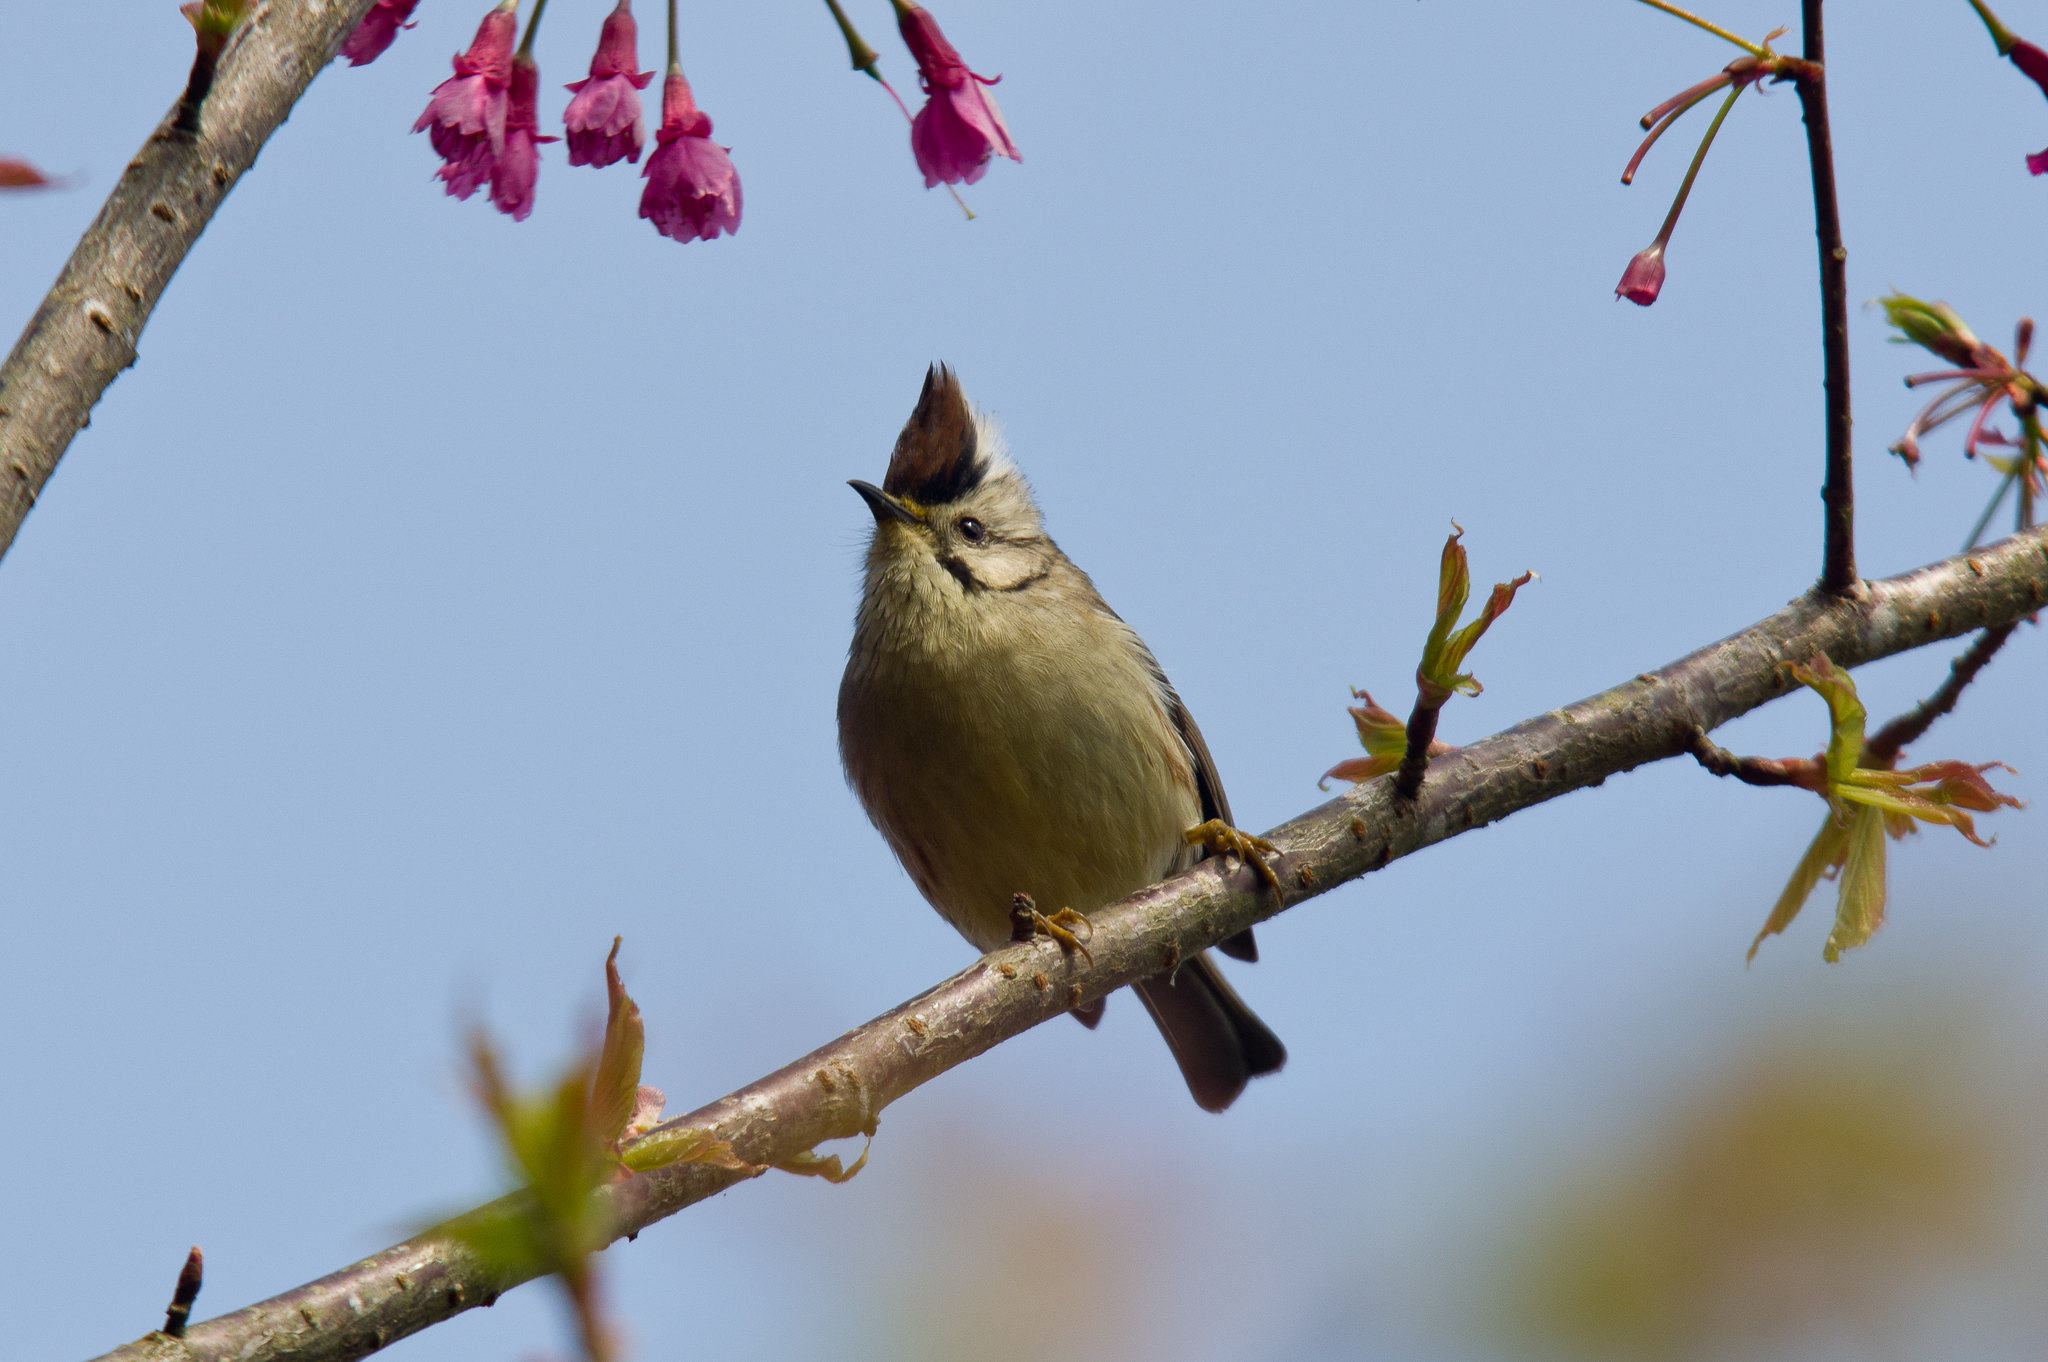 冬末春初的冠羽